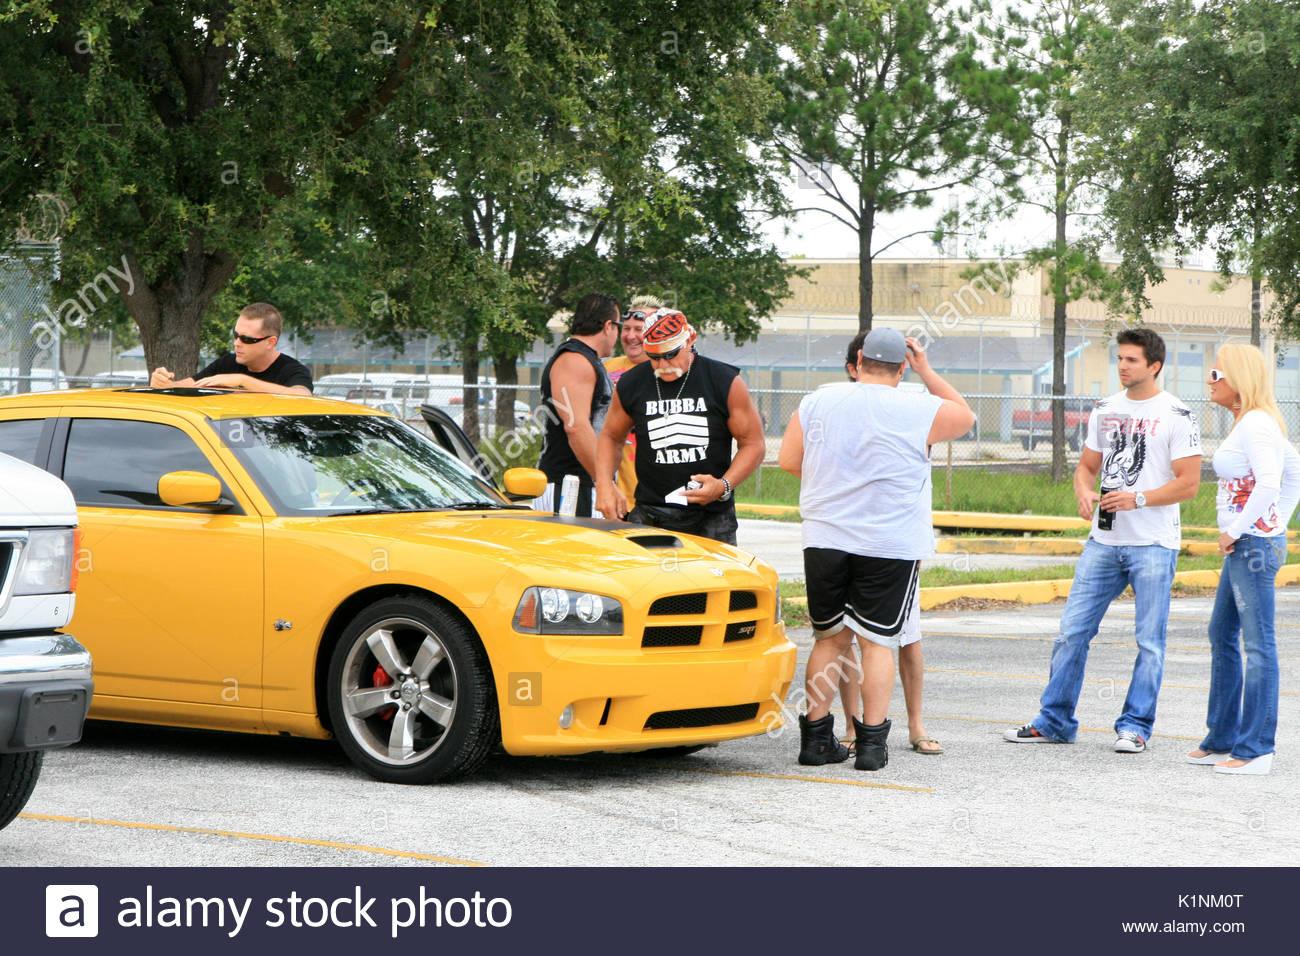 Brian Knobbs Hulk Hogan and Bubba the Love Sponge Hulk Hogan – Hulk Hogan Birthday Card